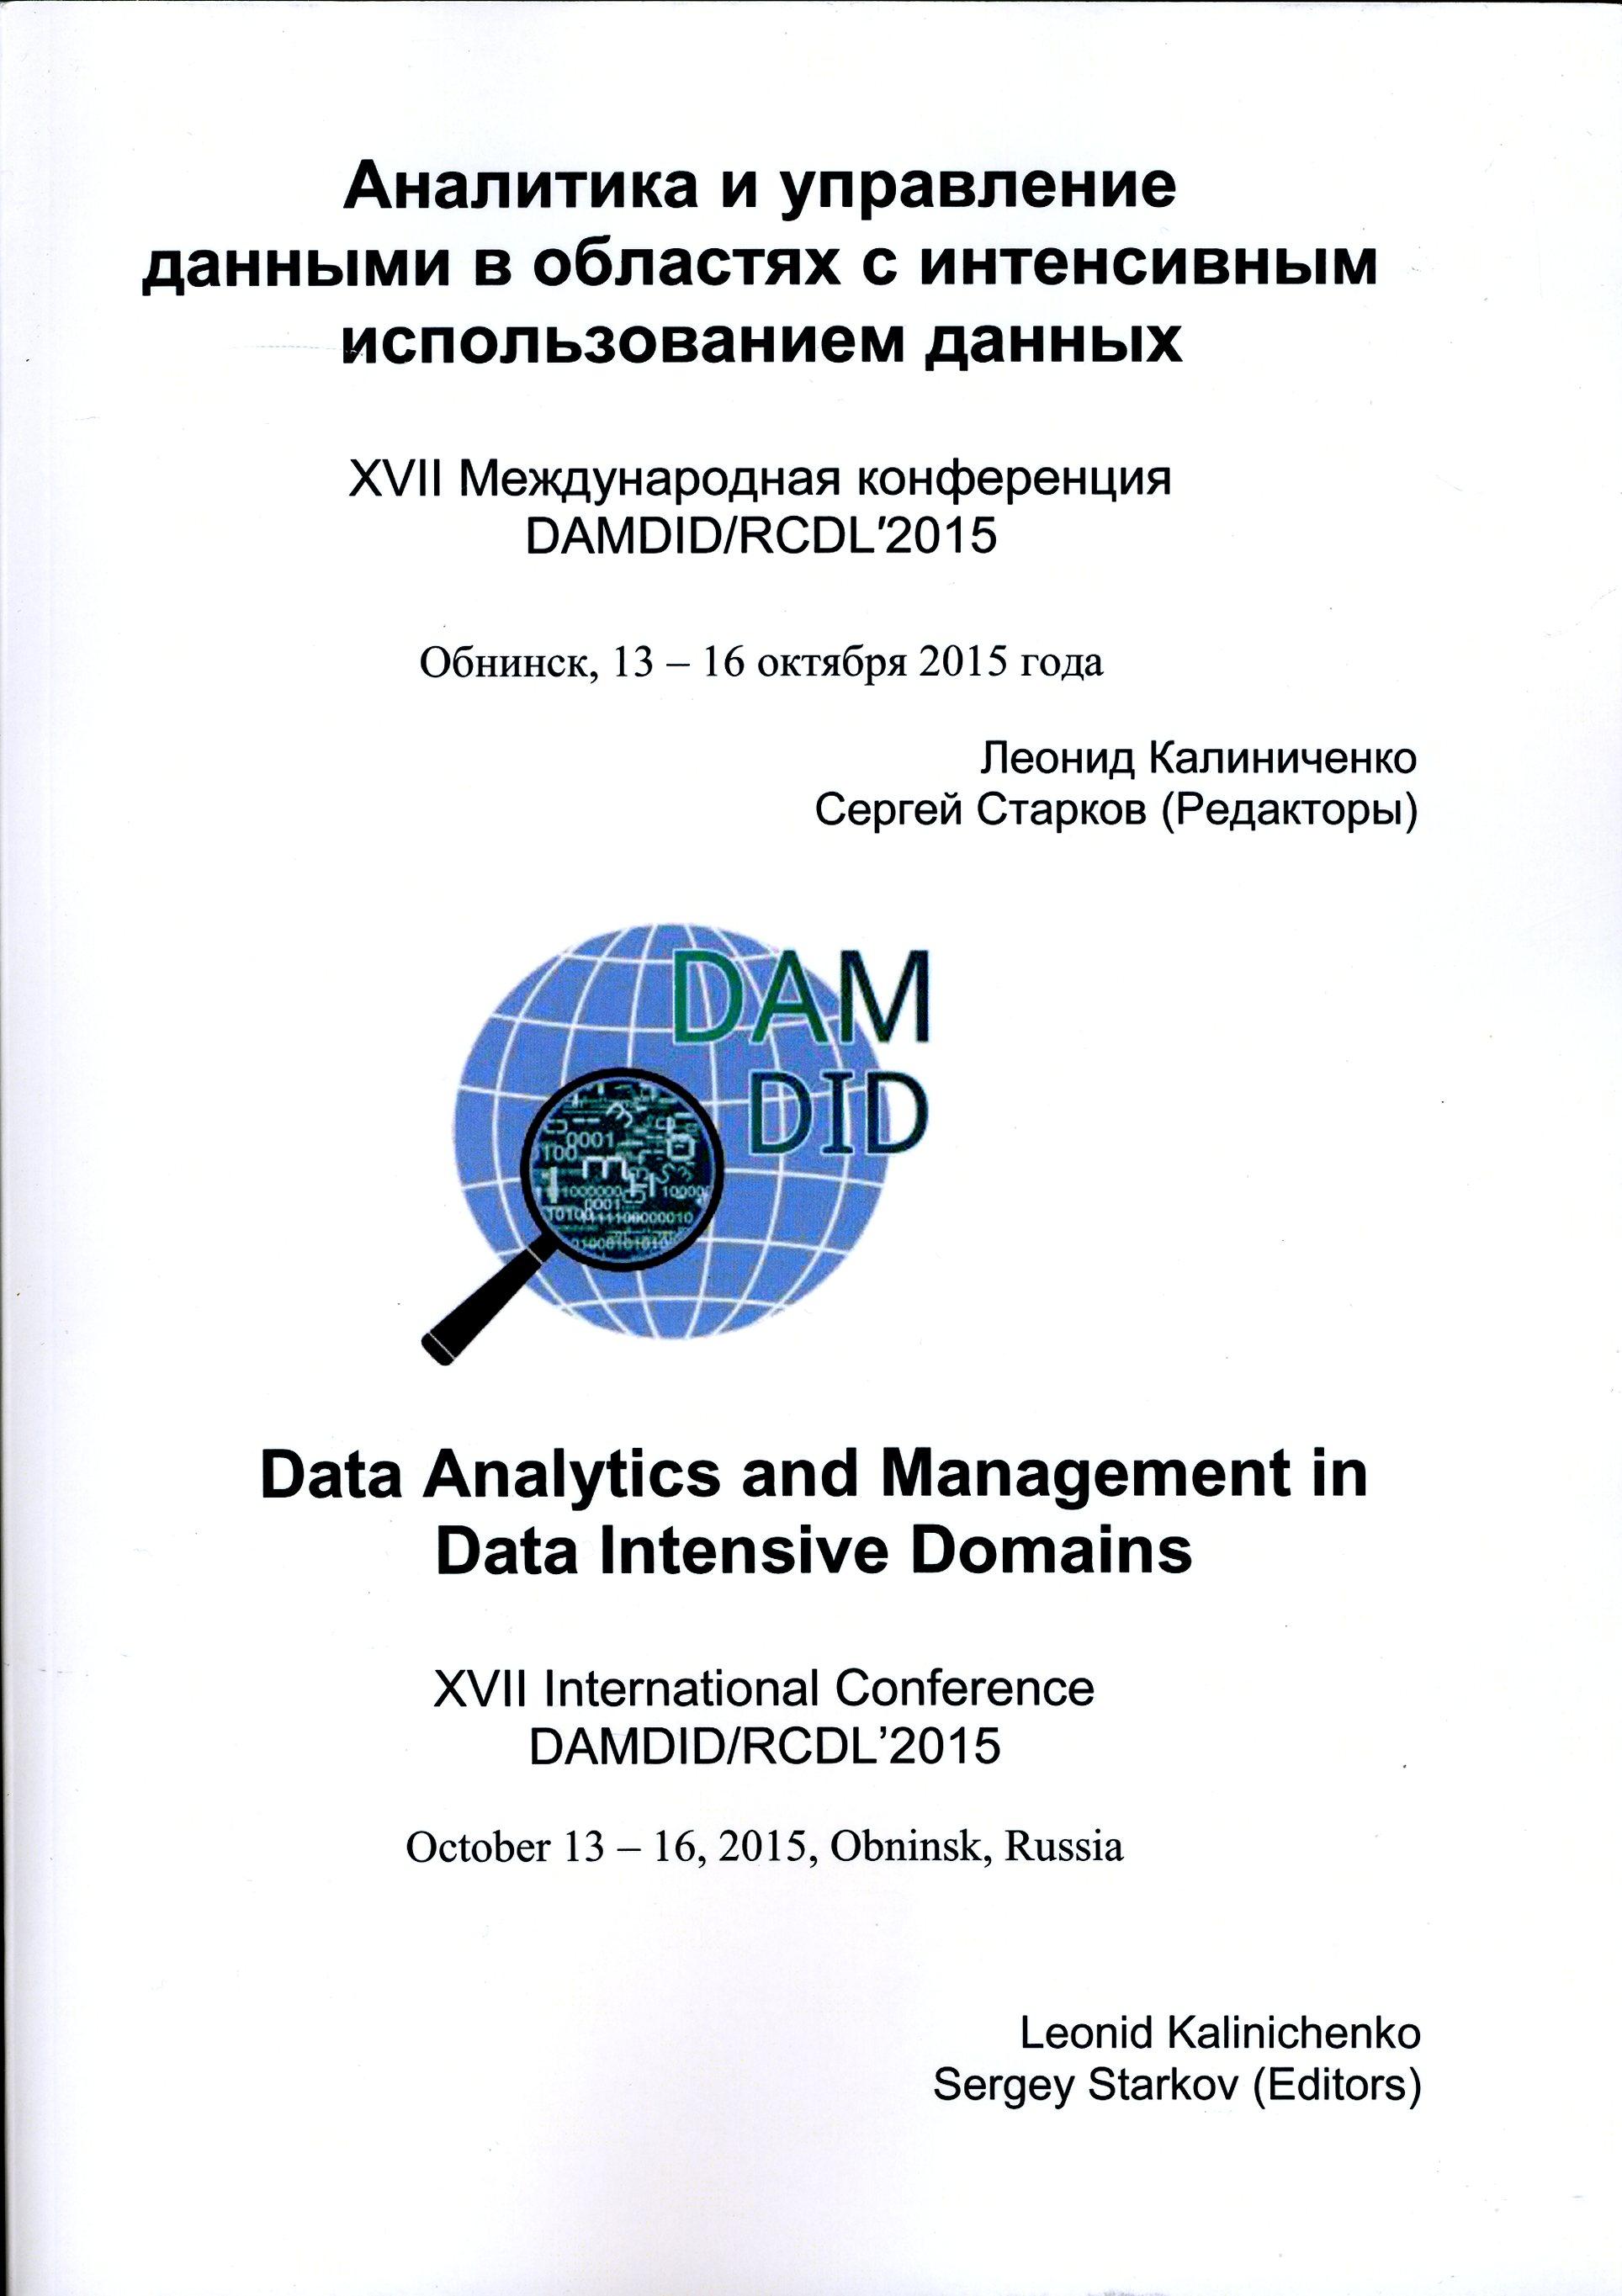 """Труды ХVII международной конференции «Аналитика и управление данными в областях с интенсивным использованием данных» (""""Data Analytics and Management in Data Intensive Domains"""" (DAMDID))"""